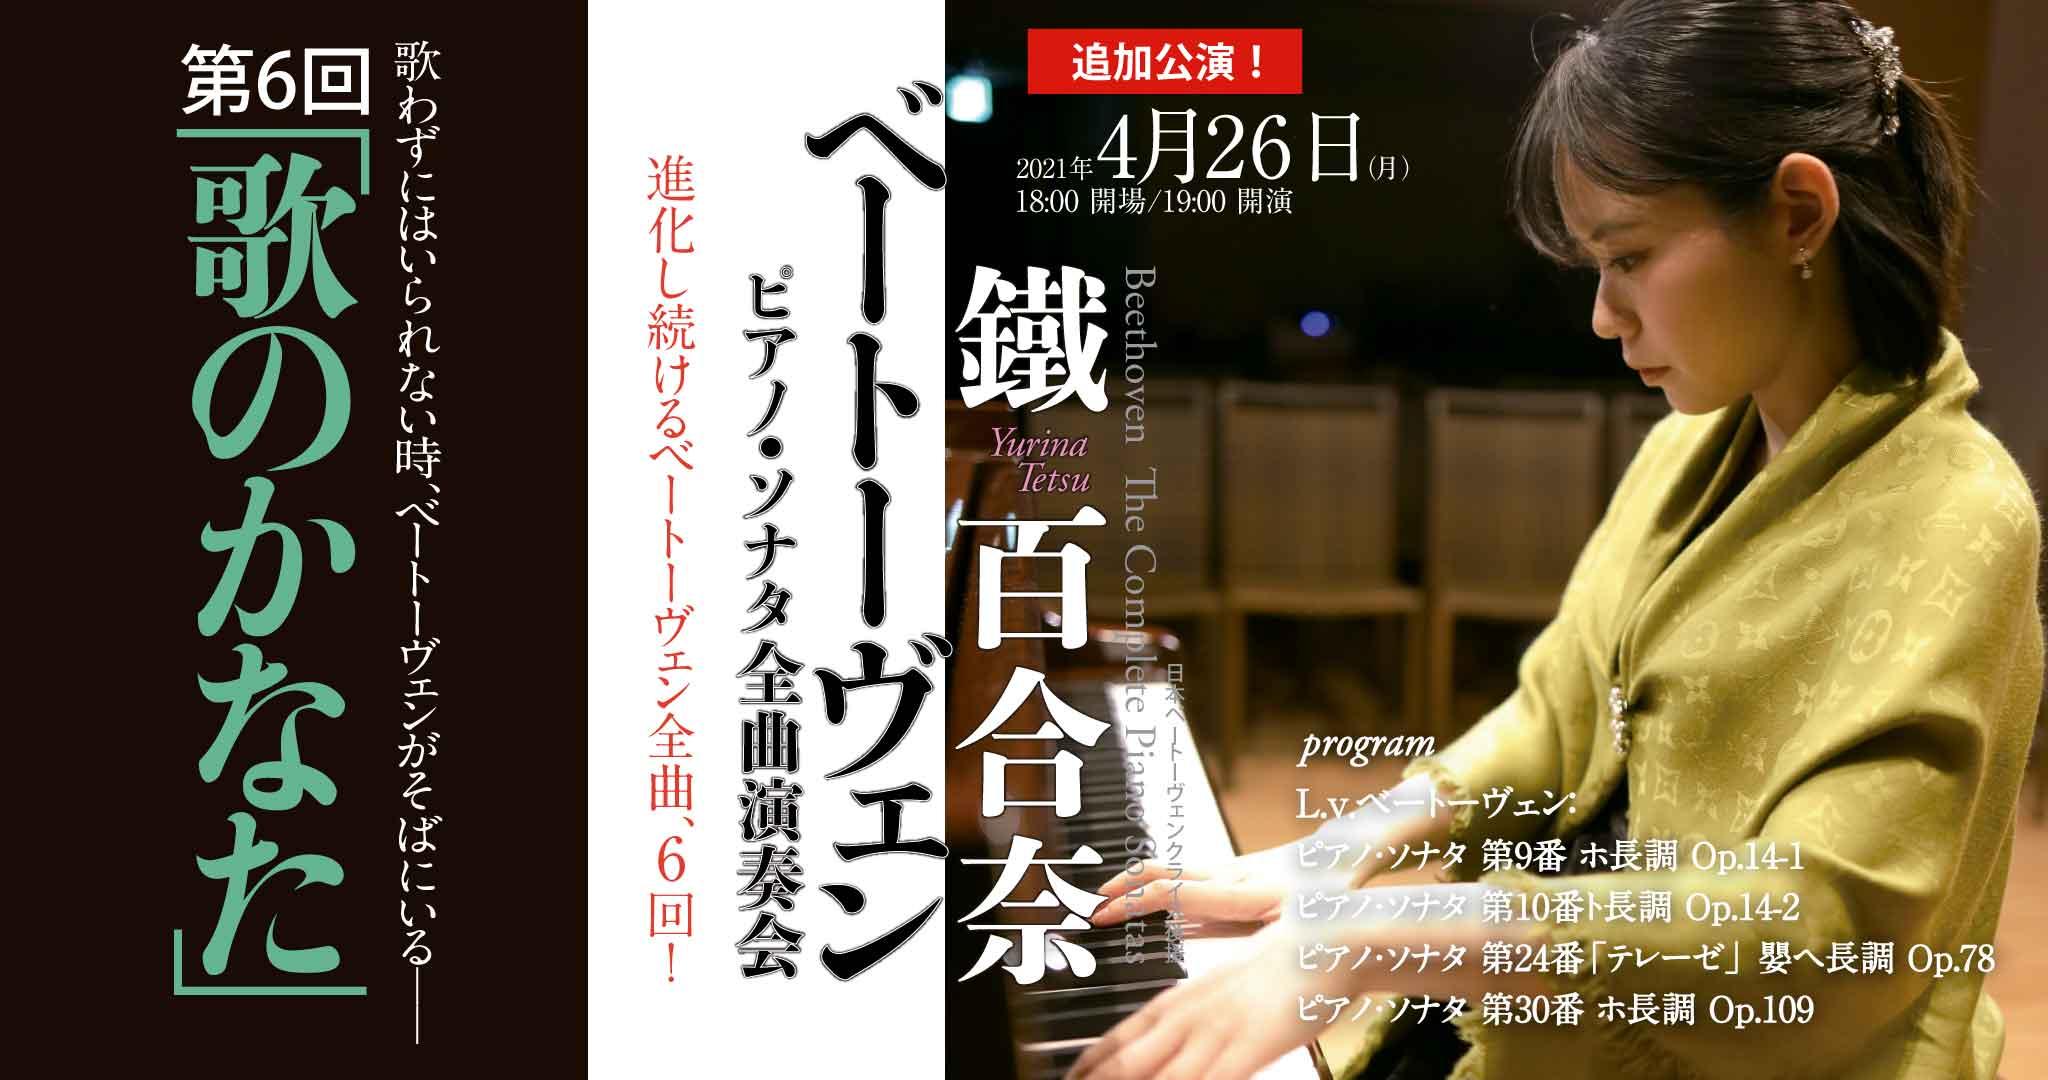 鐵百合奈ベートーヴェン ピアノ・ソナタ全曲演奏会<第6回>「歌のかなた」[追加公演]